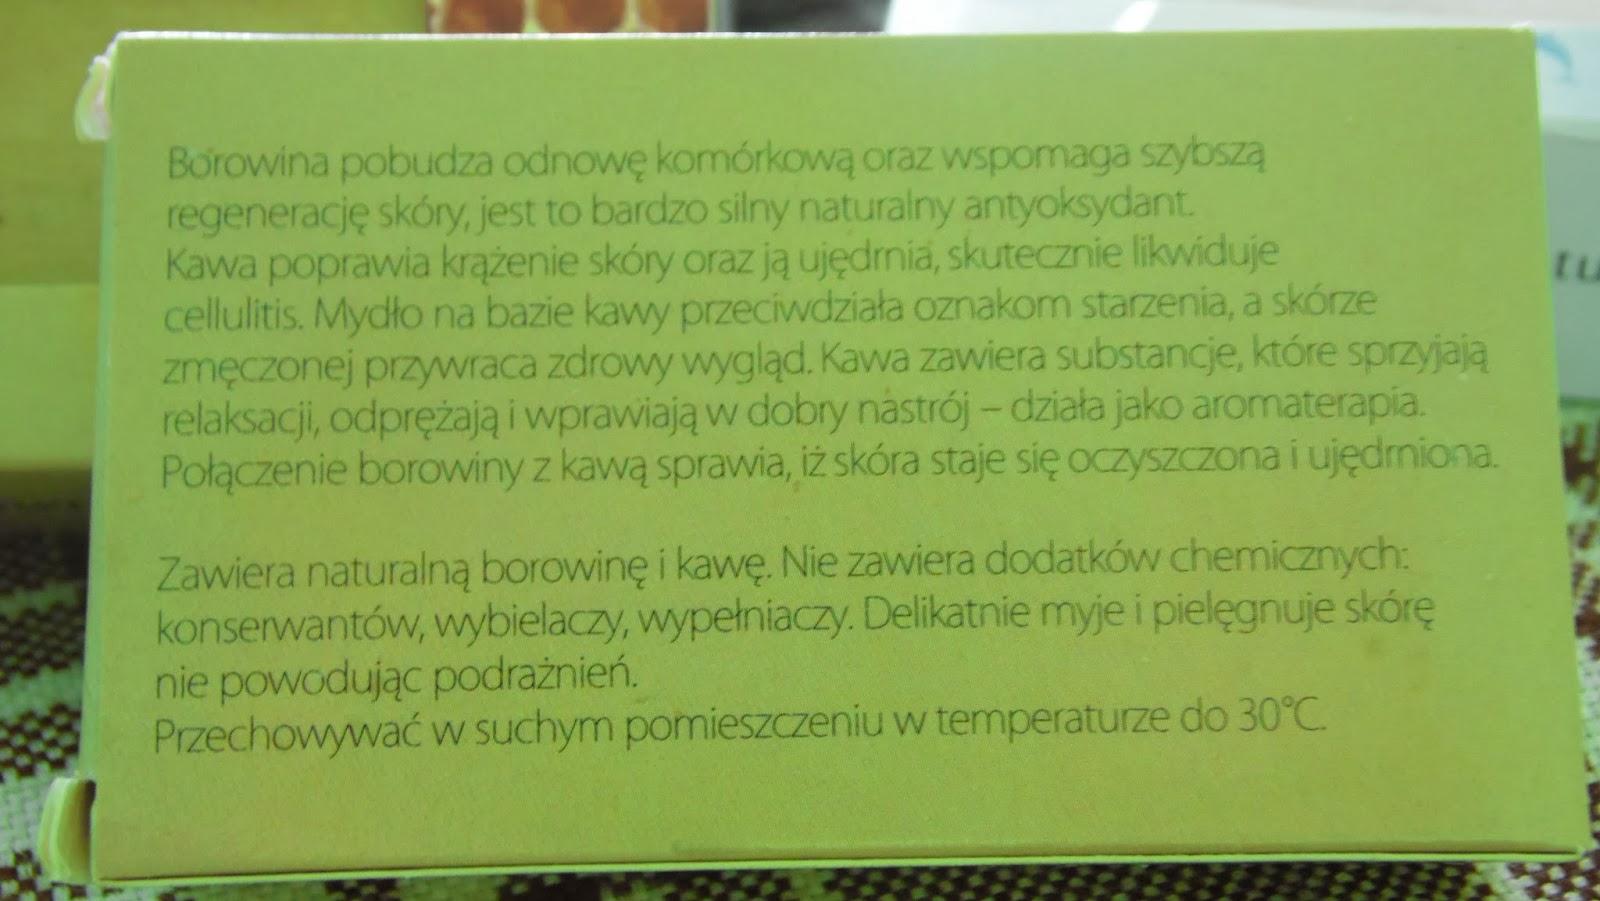 Moje mydła naturalne - powrót do natury w 100% Cześć! Ostatnio przyszła do mnie przesyłka wypełniona ośmioma mydłami z firmy www.powrotdonaturyeu , które są wykonane w 100% z naturalnych składników, bez konserwantów ani różnych innych dodatków o niewiadomych pochodzeniu i nazwie.  Jak sama nazwa firmy wskazuje 'Powrót do natury', mydła są produkowane jako jedyne w Polsce od podstaw i tylko z naturalnych składników, aby utożsamiać się z naturą i poczuć w pełni te szczęście jakie nas otacza po pójściu nad rzekę, jezioro, w góry, na mazury.  A o to 8 mydeł które do mnie przyszły: 1. Mydło hipoalergiczne 2. Mydło dla dzieci 3. Mydło z woskiem pszczelim 4. Mydło z bursztynem 5. Mydło z borowiną 6. Mydło z borowiną i kawą 7. Mydło z borowiną i bursztynem 8. Mydło z błotem z Morza Martwego Każdy ze składników mydeł ma inne właściwości zdrowotne oraz regenerujące dla naszej skóry.  Szczególnie przypadło mi do gustu mydło z borowiną i kawą, które ma poprawić krążenie skóry oraz jej ujędrnienie dzięki zawartej  w mydle kawie. A dodatek borowiny sprawia, że skóra staje się dodatkowo oczyszczona, a także jest chroniona przed szkodliwym działaniem wolnych rodników.    Jak dla mnie bomba!  Aby dowiedzieć się więcej o mydłach warto wejść na www.powrotdonatury.eu lub facebooka https://www.facebook.com/mydlarniapowrotdonatury